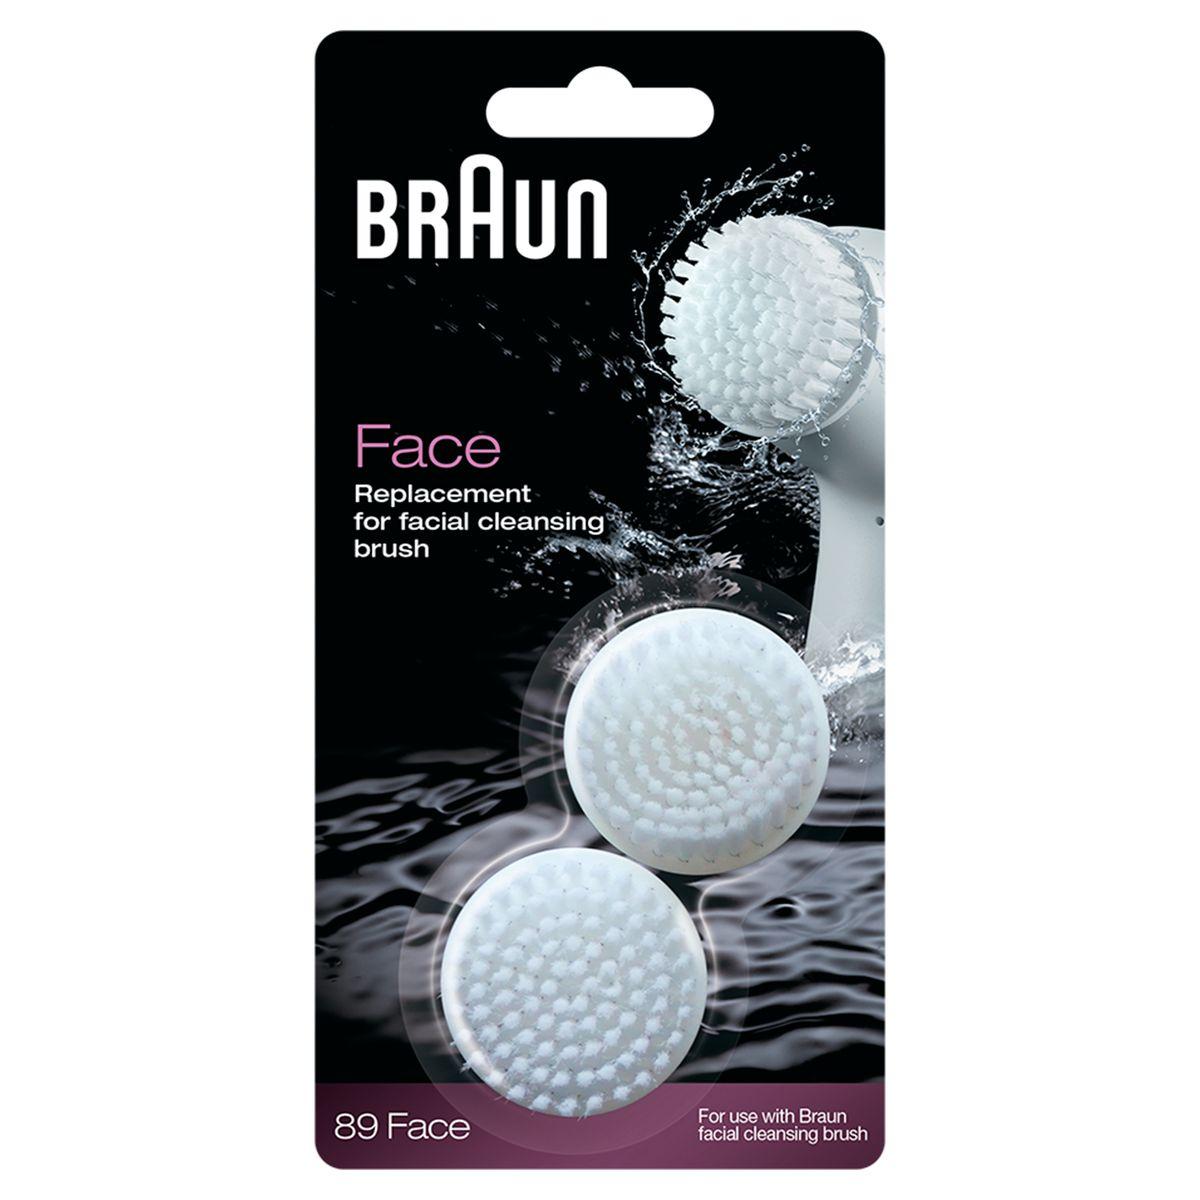 Braun Silk-Epil SE89 комплект для очищения лица81441894Сменная щеточка для очищения лица Braun Silk-Epil SE89 обеспечивает оптимальный уход за лицом. Для достижения наилучших результатов Braun рекомендует менять щеточки каждые 3 месяца. Специальная щеточка удаляет макияж и очищает кожу лица в 6 раз лучше, чем очищение вручную, придавая вашей коже гладкость и свежесть. Глубокое очищение пор — всего за одну минуту удаляет макияж и загрязнения со щек, Т-зоны и подбородка и придает коже свежий вид. Массаж микрощетинками — 60 000 микровибраций в секунду мягко отшелушивают и заметно улучшают состояние кожи.